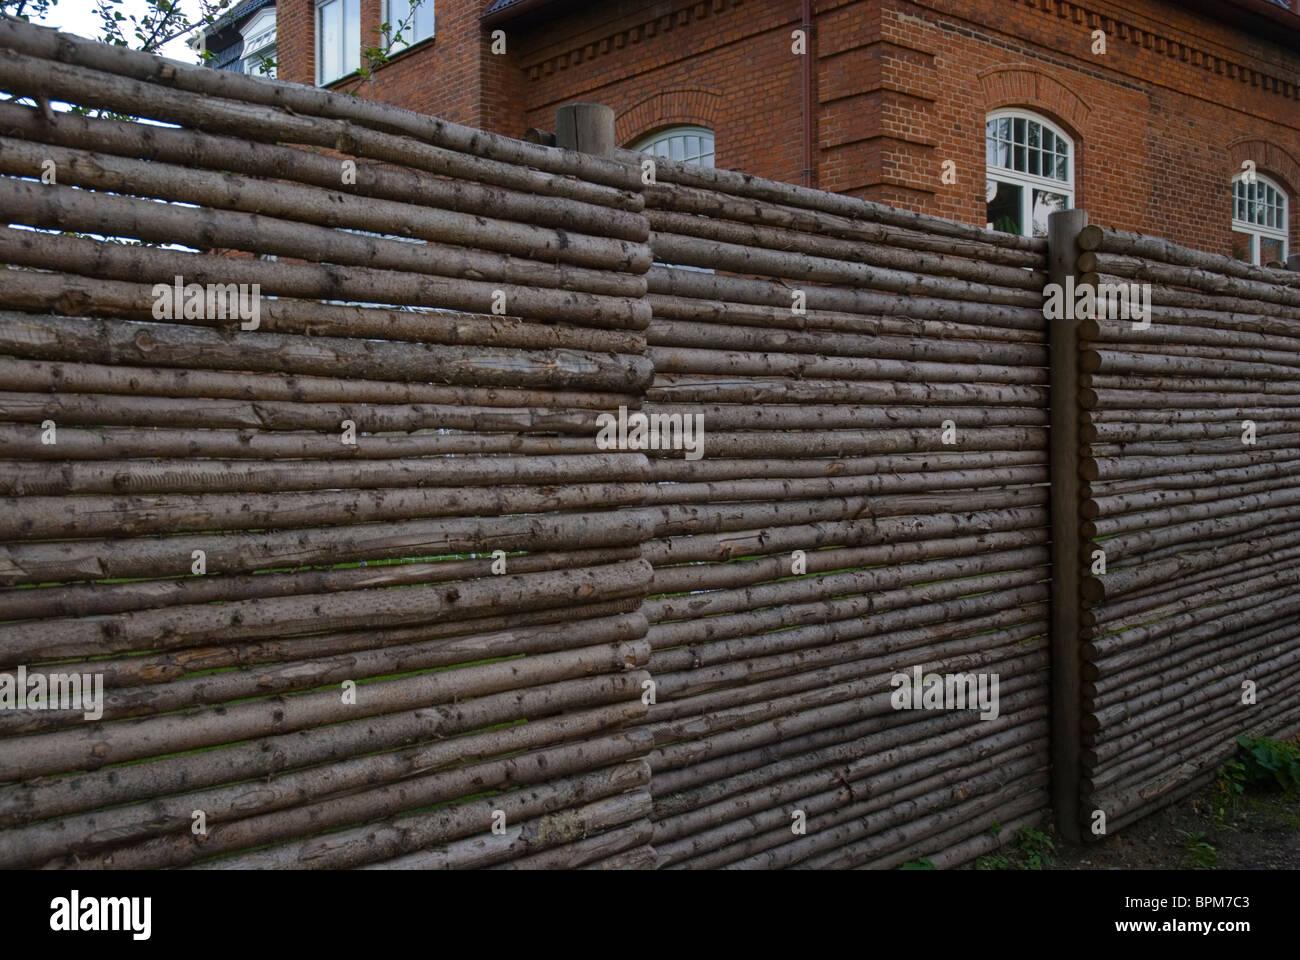 Wooden fence Roskilde Denmark Europe - Stock Image